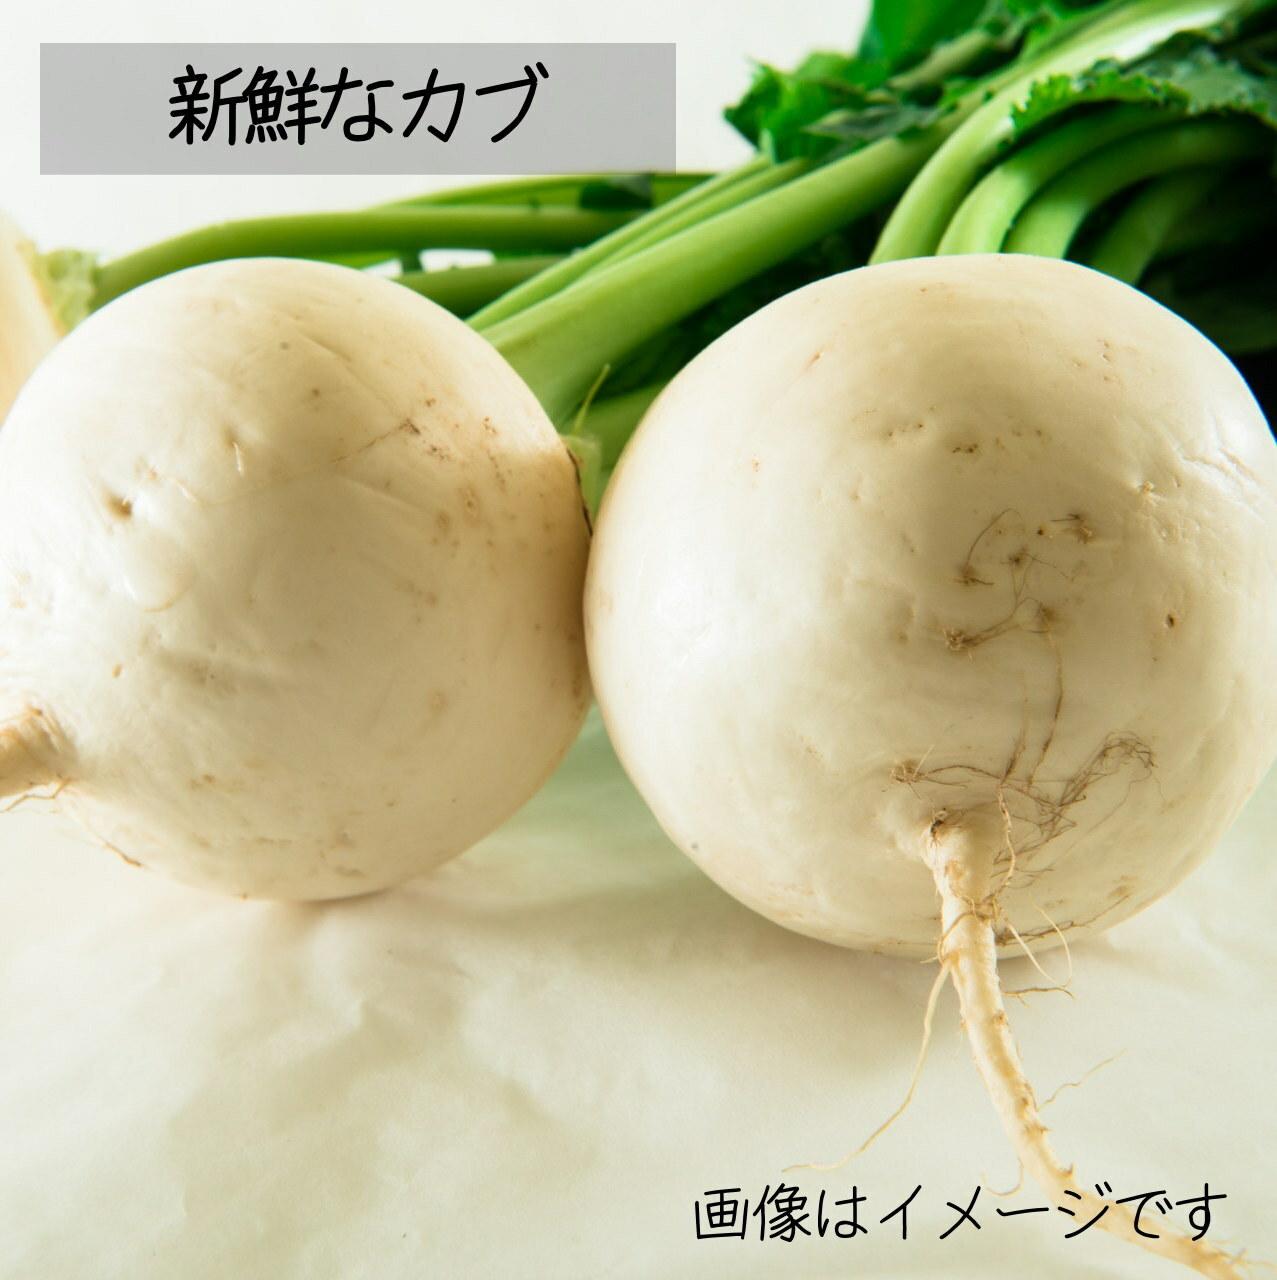 新鮮な秋野菜 : カブ 約3~4個  11月の朝採り直売野菜 11月9日発送予定